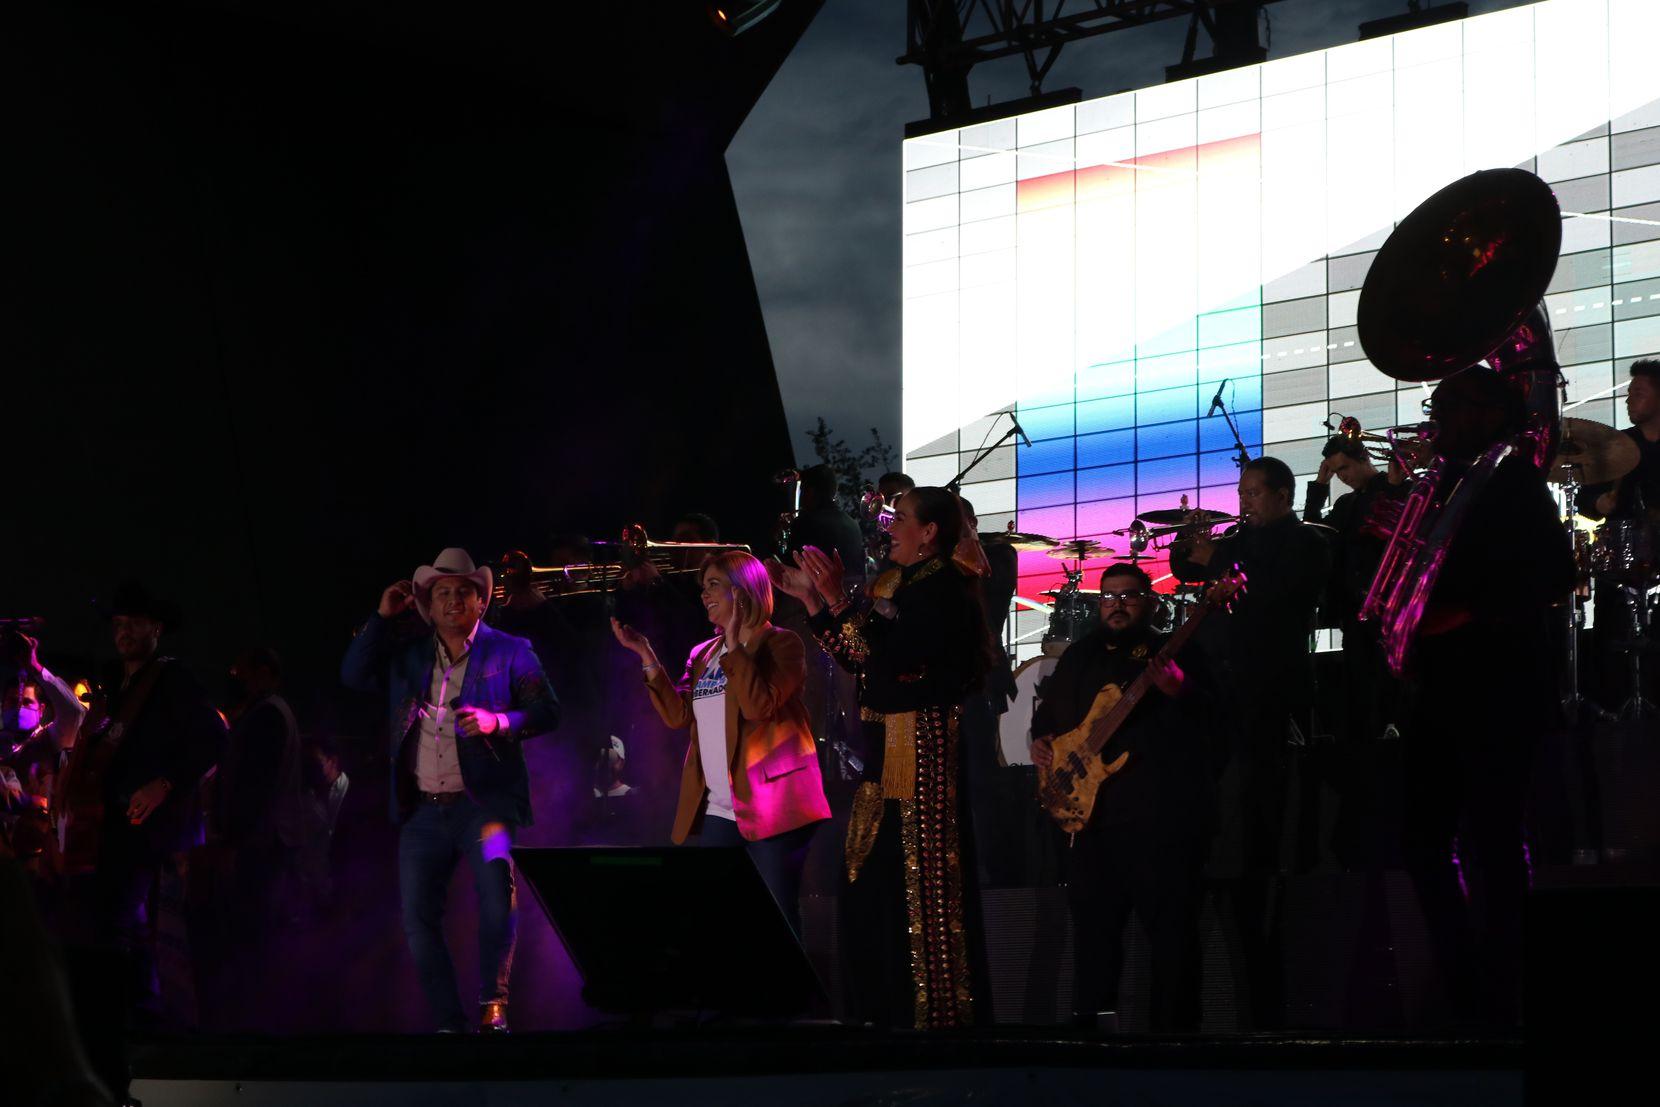 María Eugenia Campos Galván, conocida como Maru, candidata del PAN en su gran cierre de campaña el 2 de junio con el cantante Julión Álvarez y Aida Cuevas.